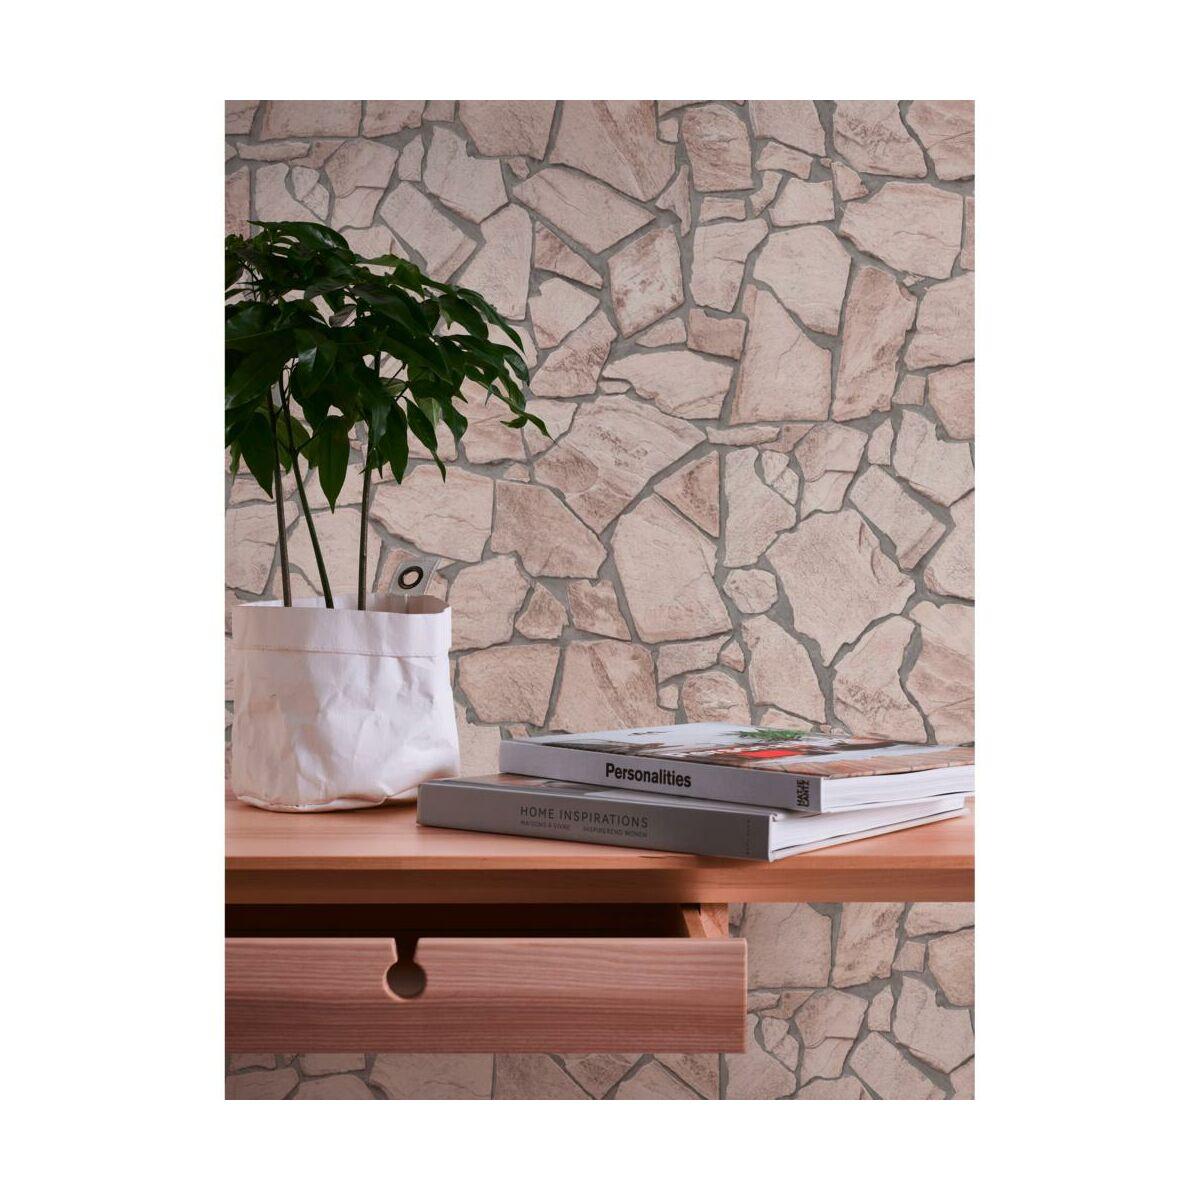 Tapeta 3d Kamienie Bezowa Imitacja Kamienia Winylowa Na Flizelinie Tapety W Atrakcyjnej Cenie W Sklepach Leroy Merlin